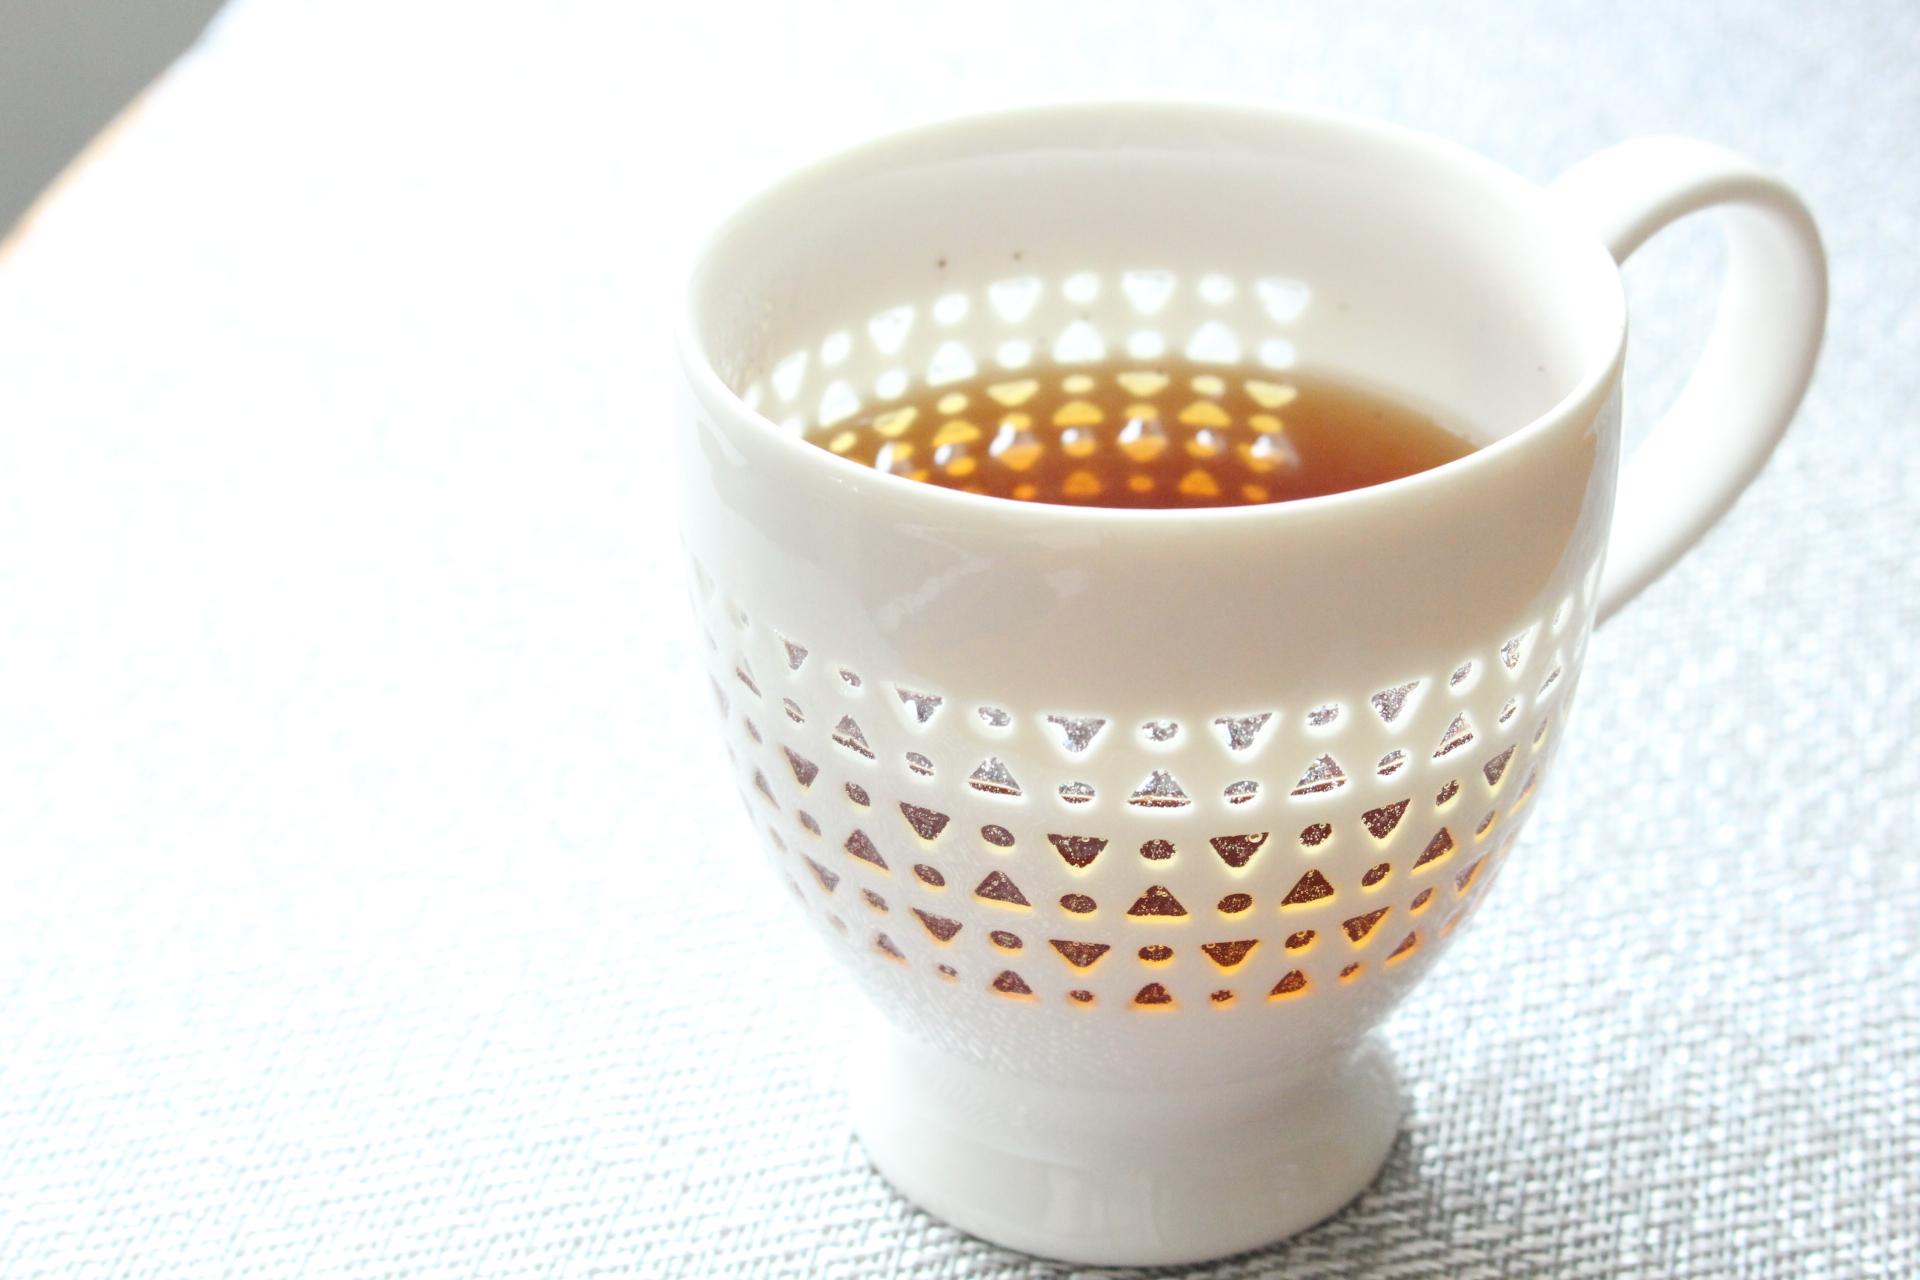 【フォトジェニック!】BHVで見つけたコーヒーカップ♡